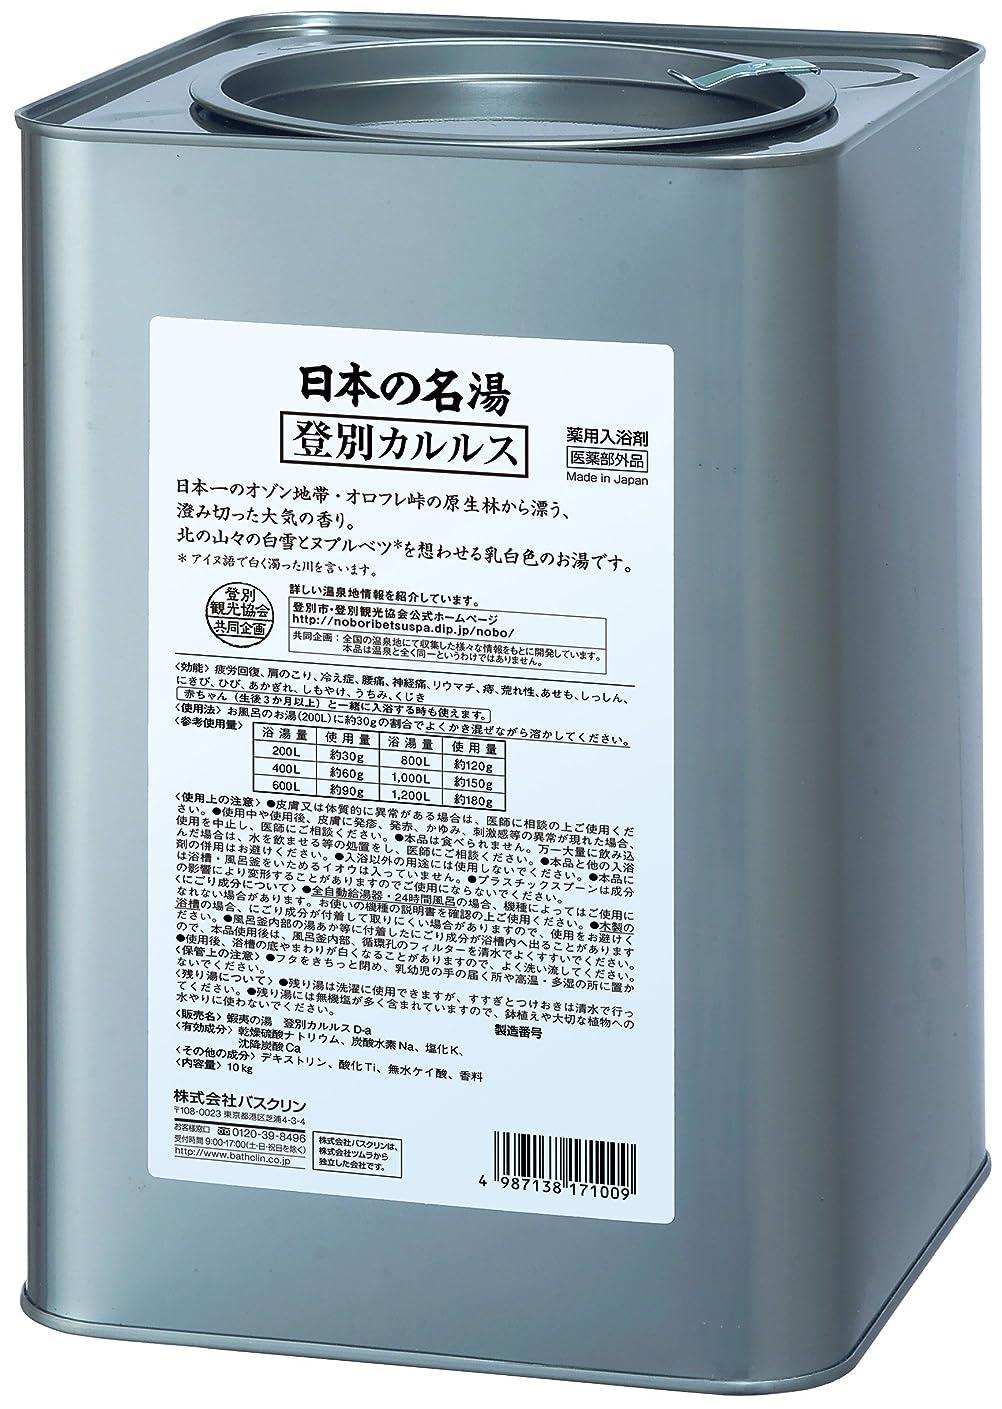 に勝る砂利ペネロペ【医薬部外品/業務用】日本の名湯入浴剤 登別カルルス(北海道)10kg 大容量 温泉成分 温泉タイプ